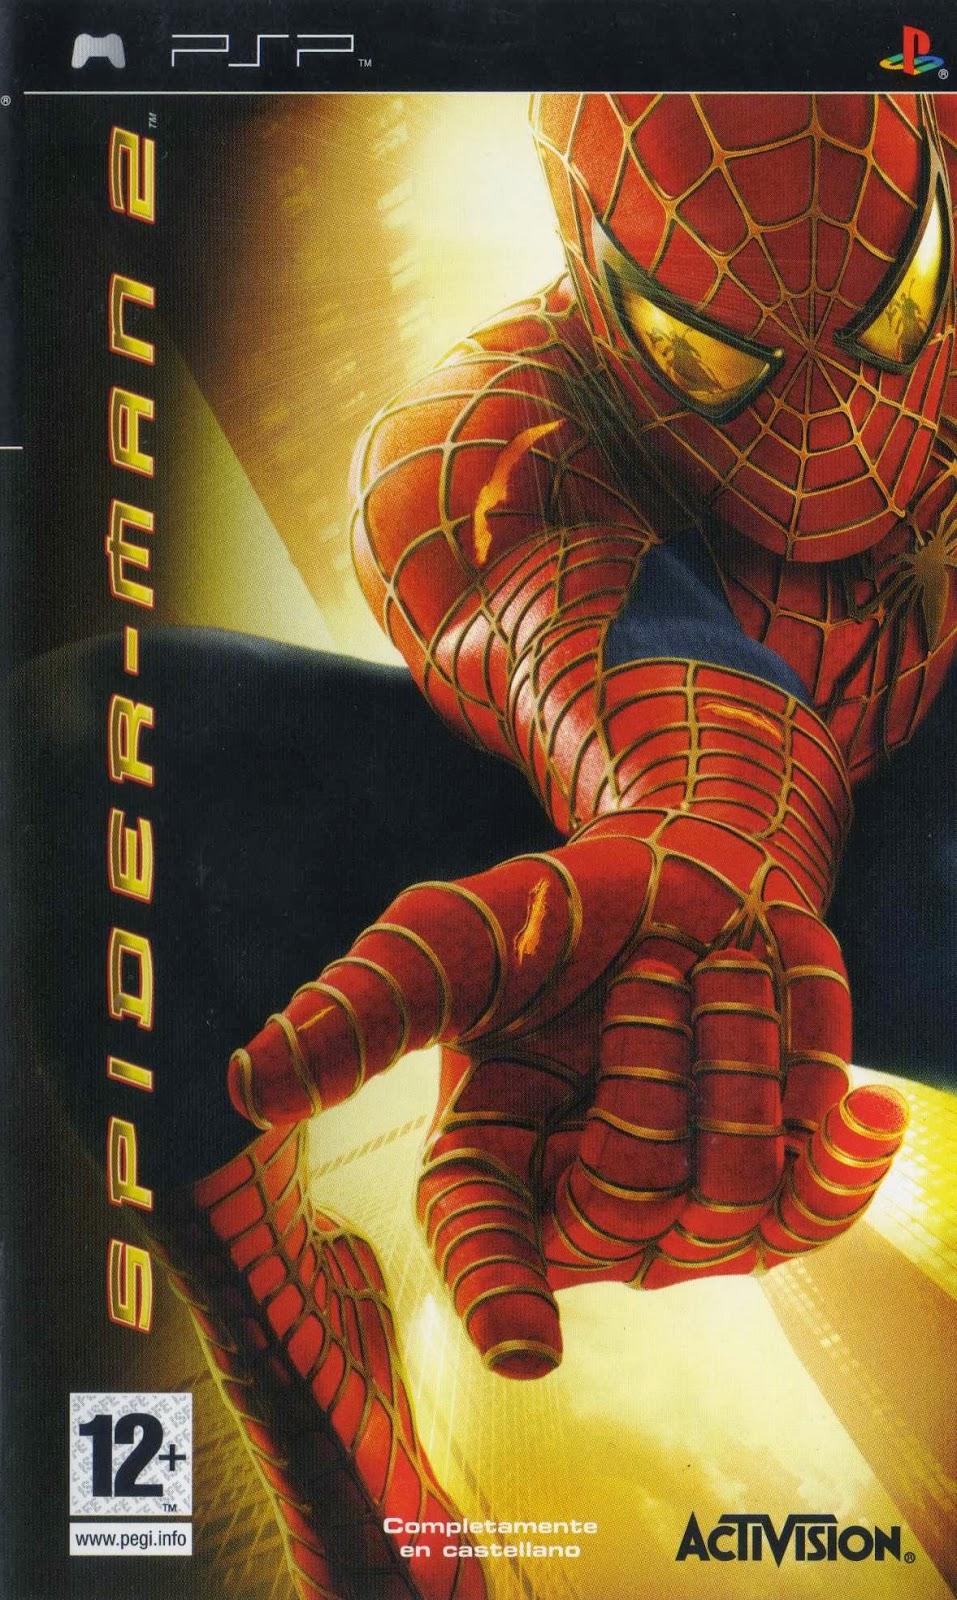 Spiderman 2  El Hombre Araa 2 Mult Inc Espaol PSP MG